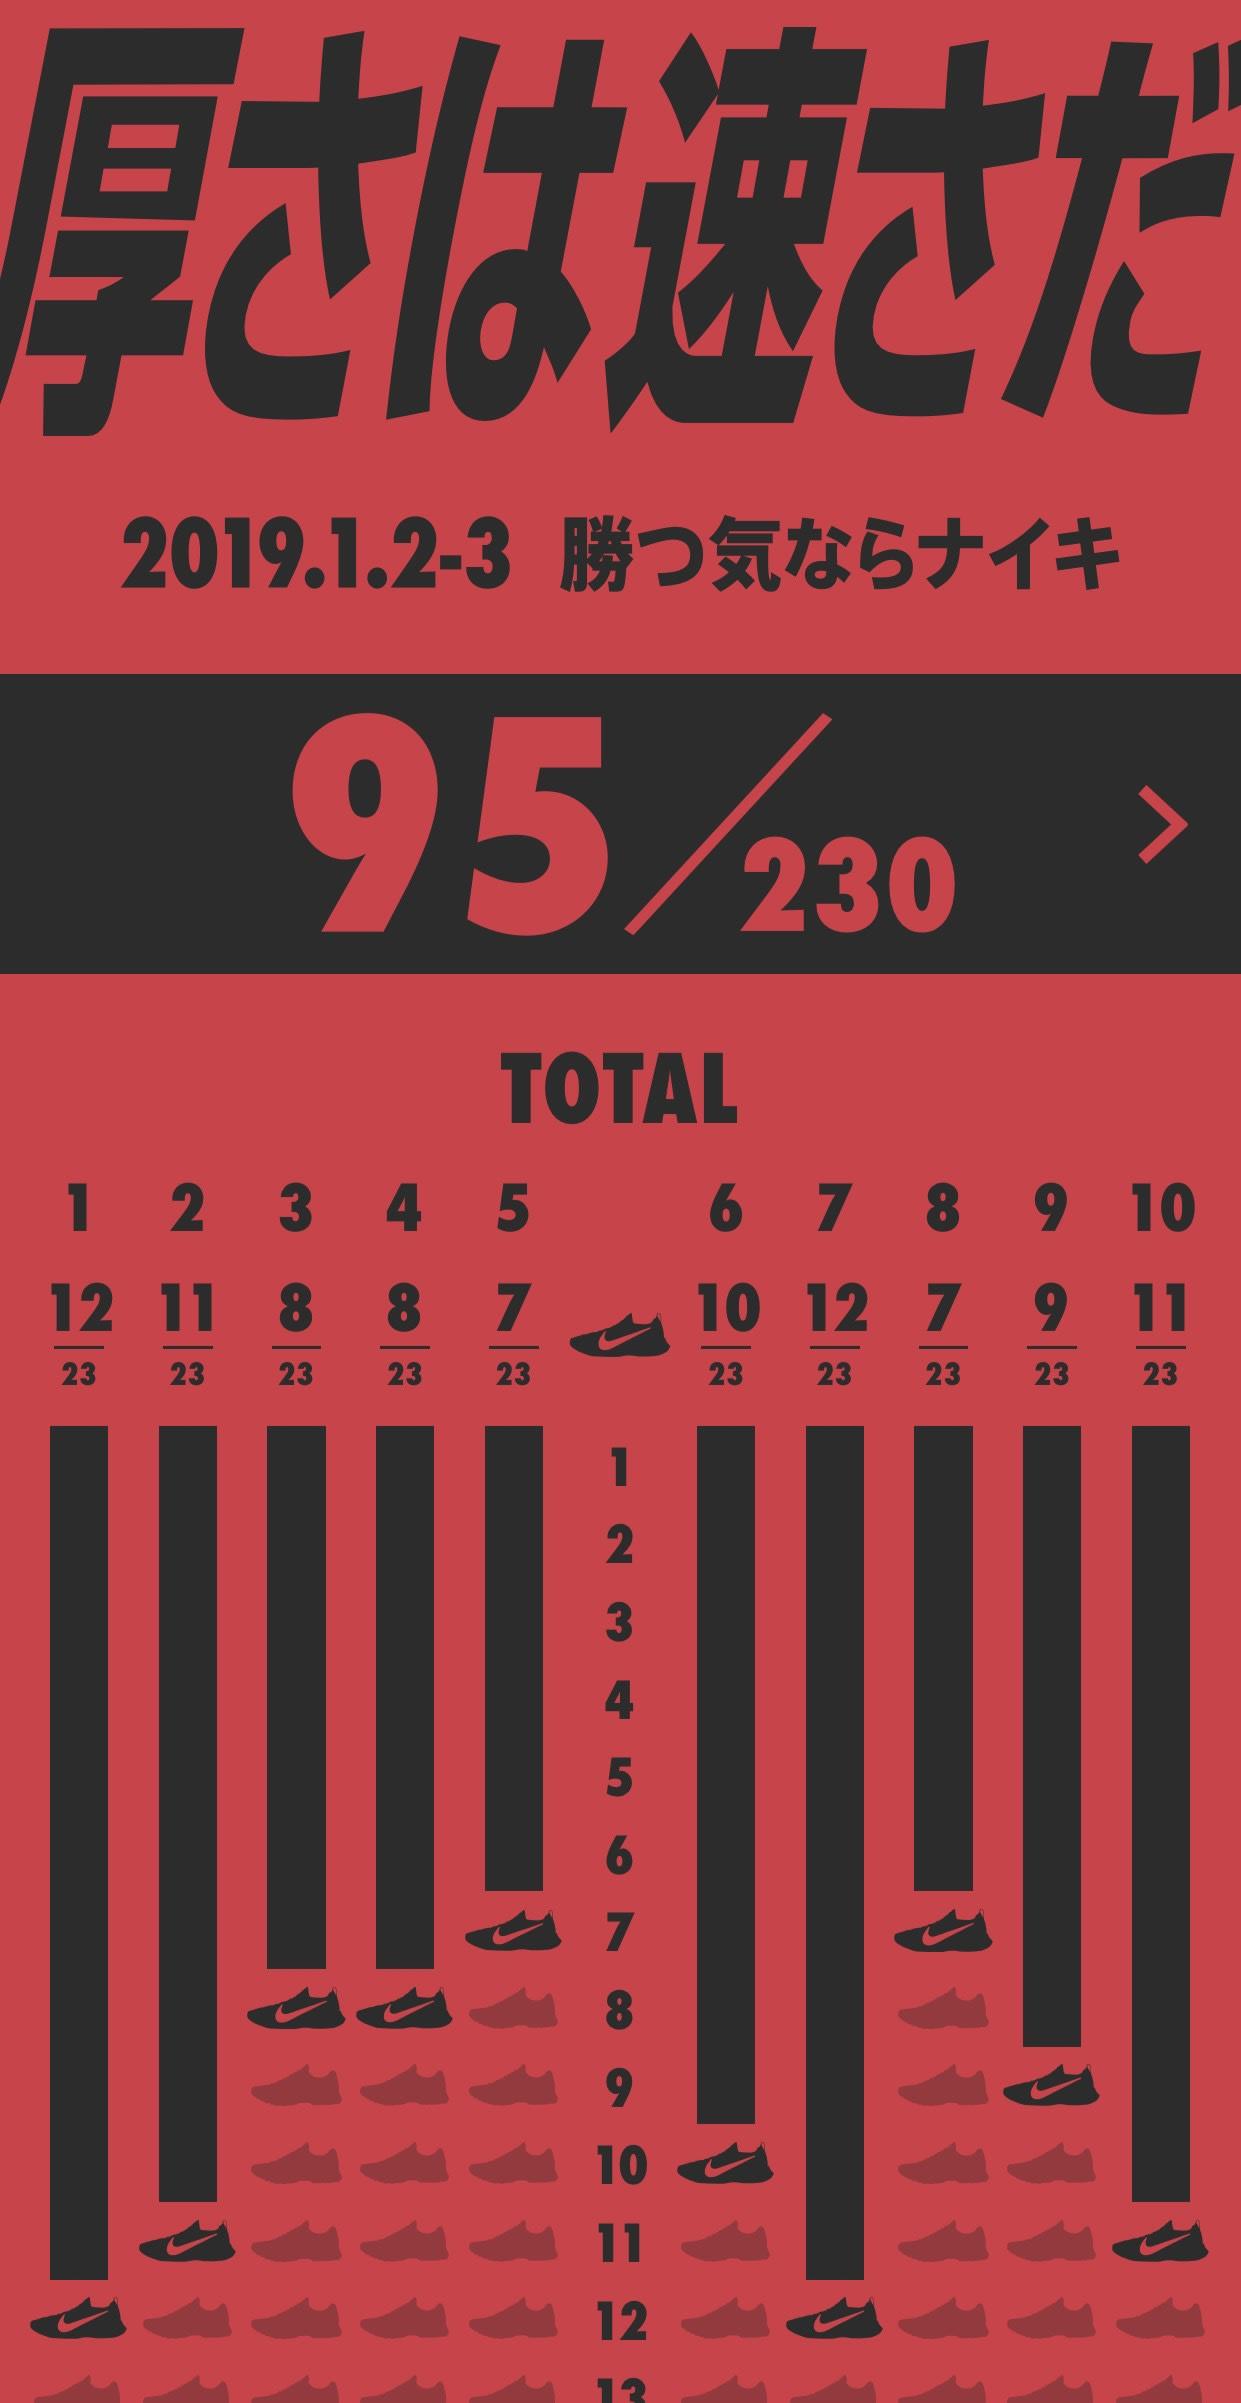 615ed1fa5dda5 1月2日と3日に開催された第95回箱根駅伝に出場した選手計230人のうち95人が「ナイキ(NIKE)」のシューズを履いていたことがわかった。そのうちのほとんどが